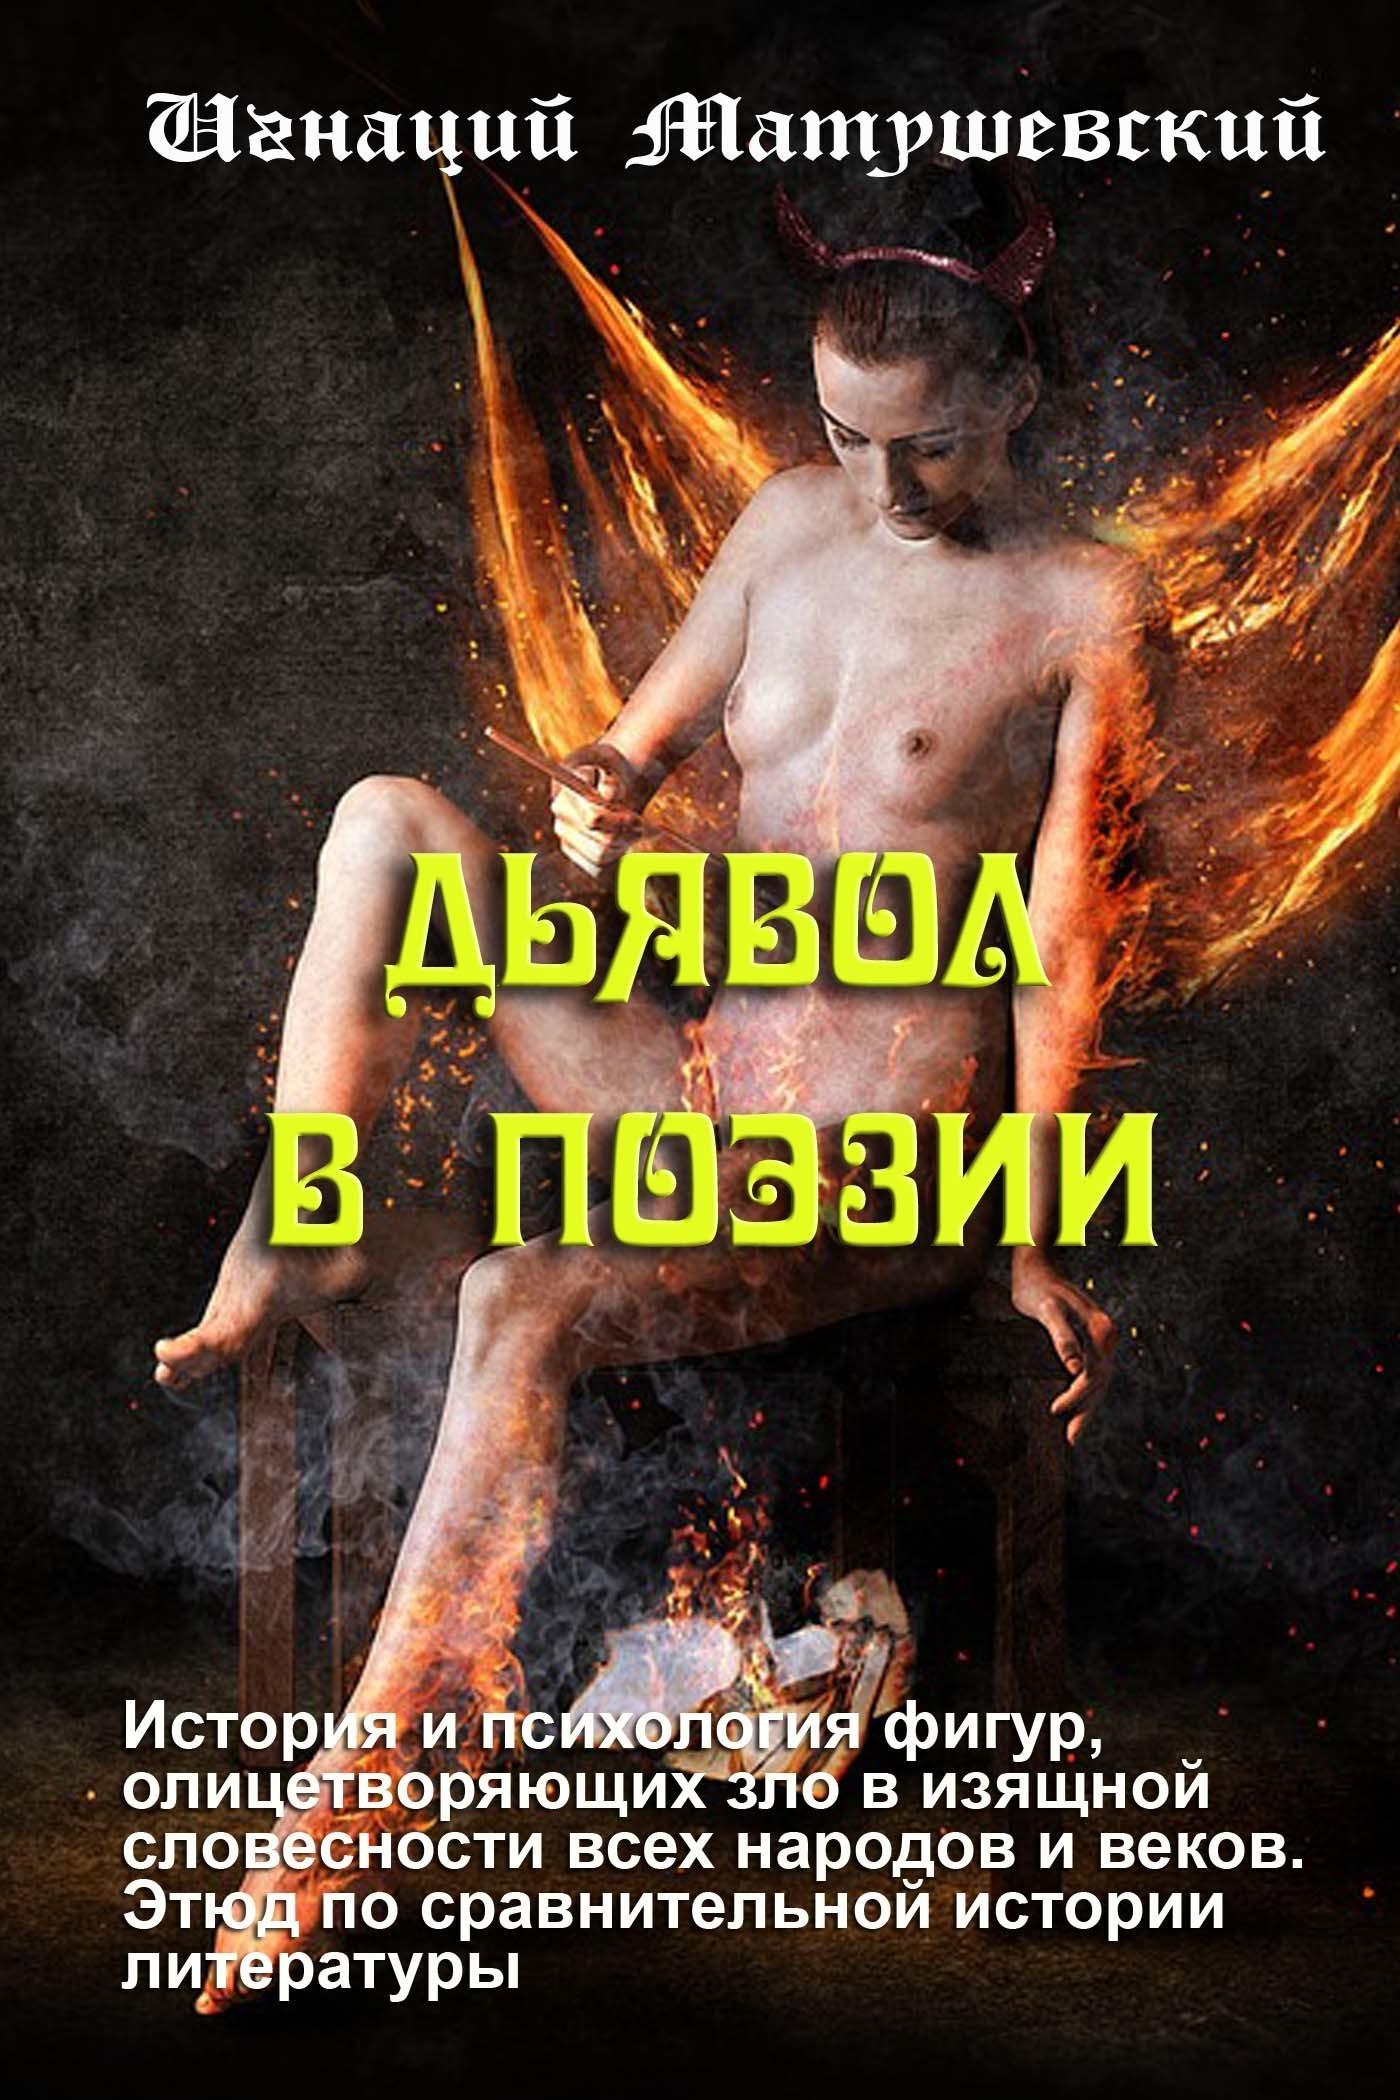 Дьявол в поэзии